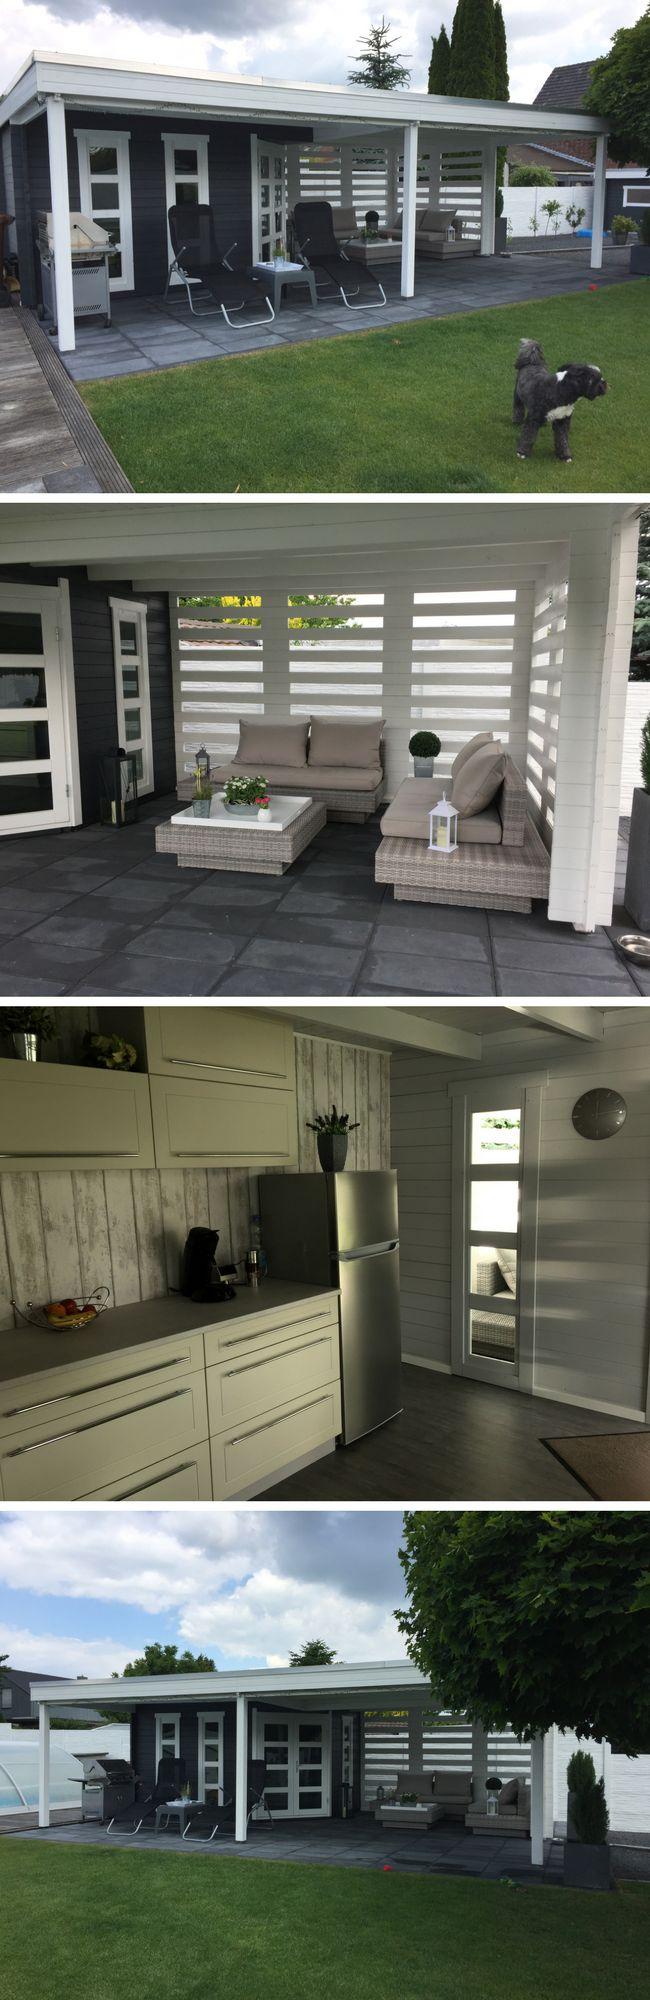 Mit dem Gartenhaus Panama-40 können sie auch bei Regen im Trockenen in Ihrem Gartensitzen.